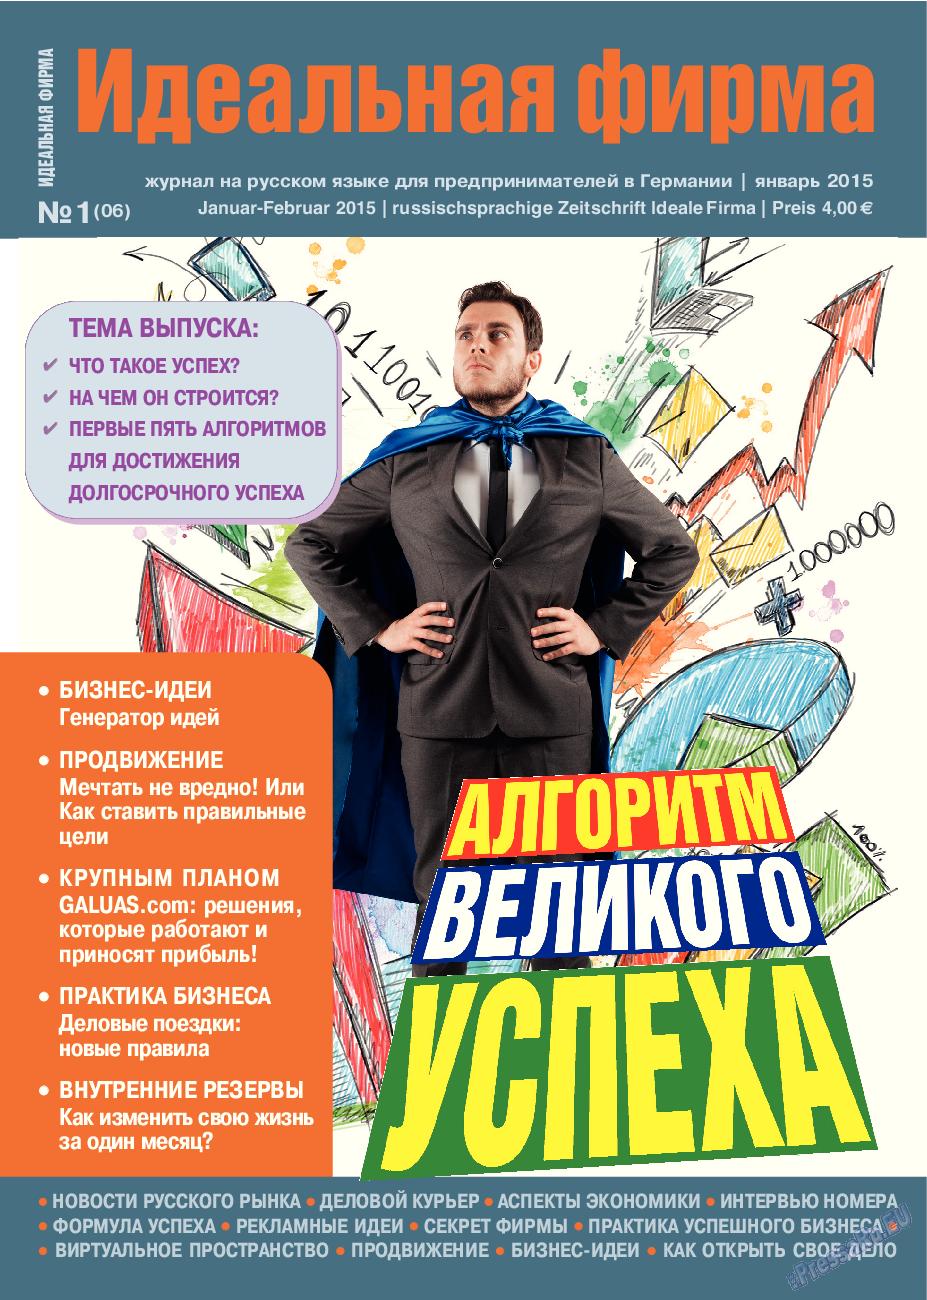 Идеальная фирма (журнал). 2015 год, номер 1, стр. 1